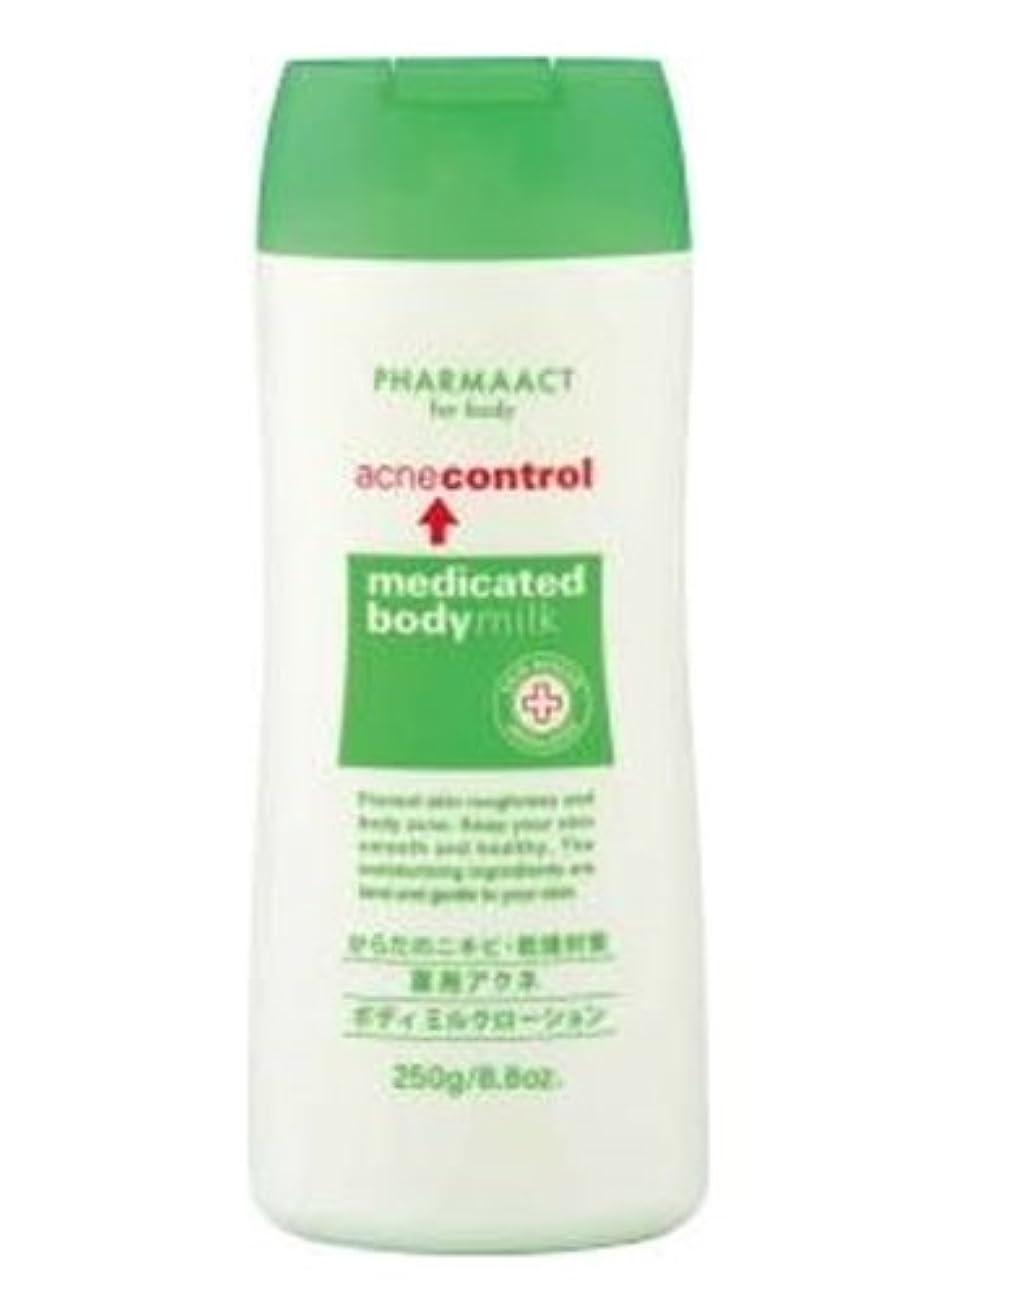 ケニア慣性おもしろい熊野油脂  ファーマアクト 薬用アクネボディミルクローション 250g